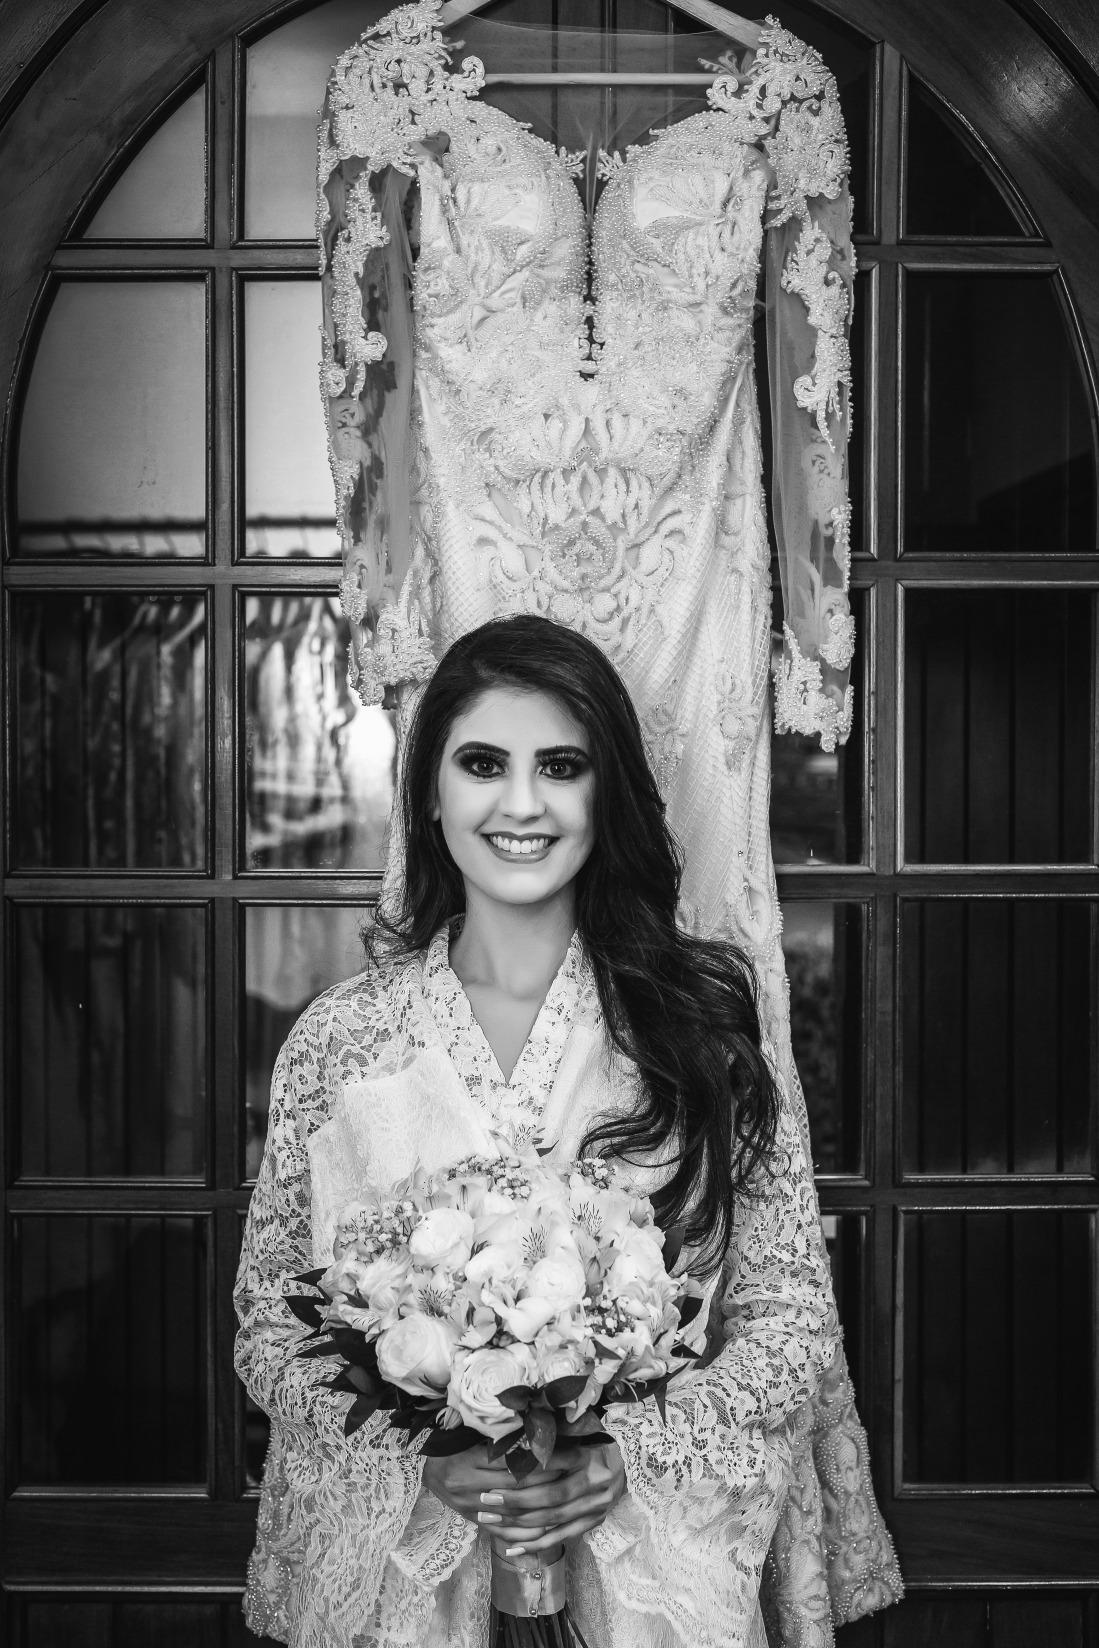 casamento em Pará de Minas de Tamires e Junior - Zephora Alta Costura - Foto Demétrio Laurentys